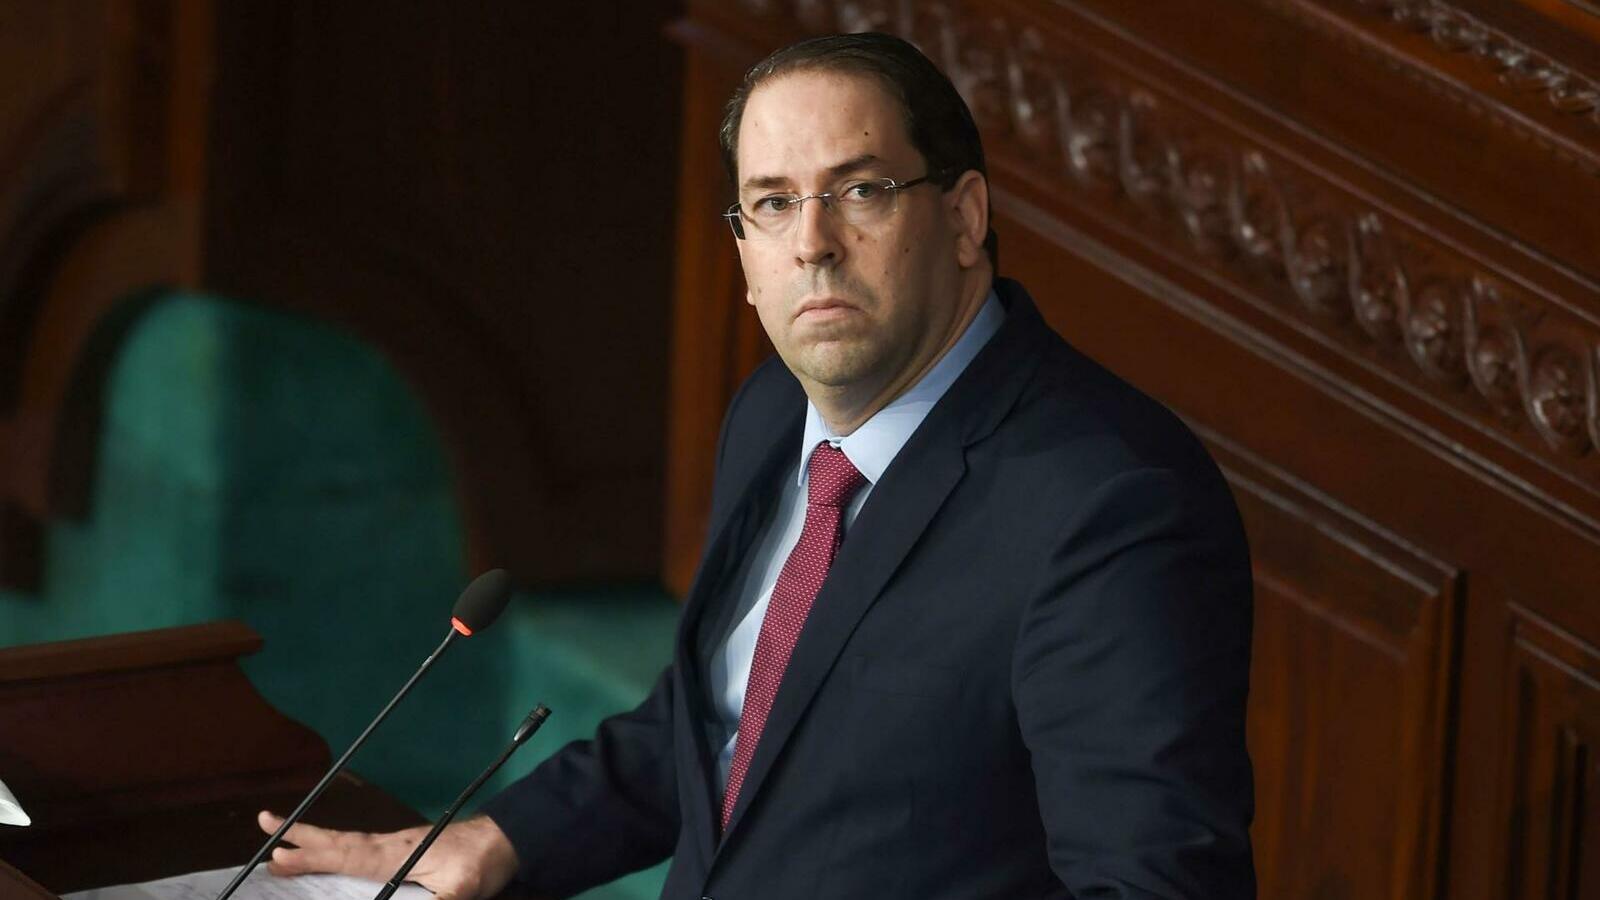 الحكومة في تونس تمنع النقاب في المؤسسات العامة